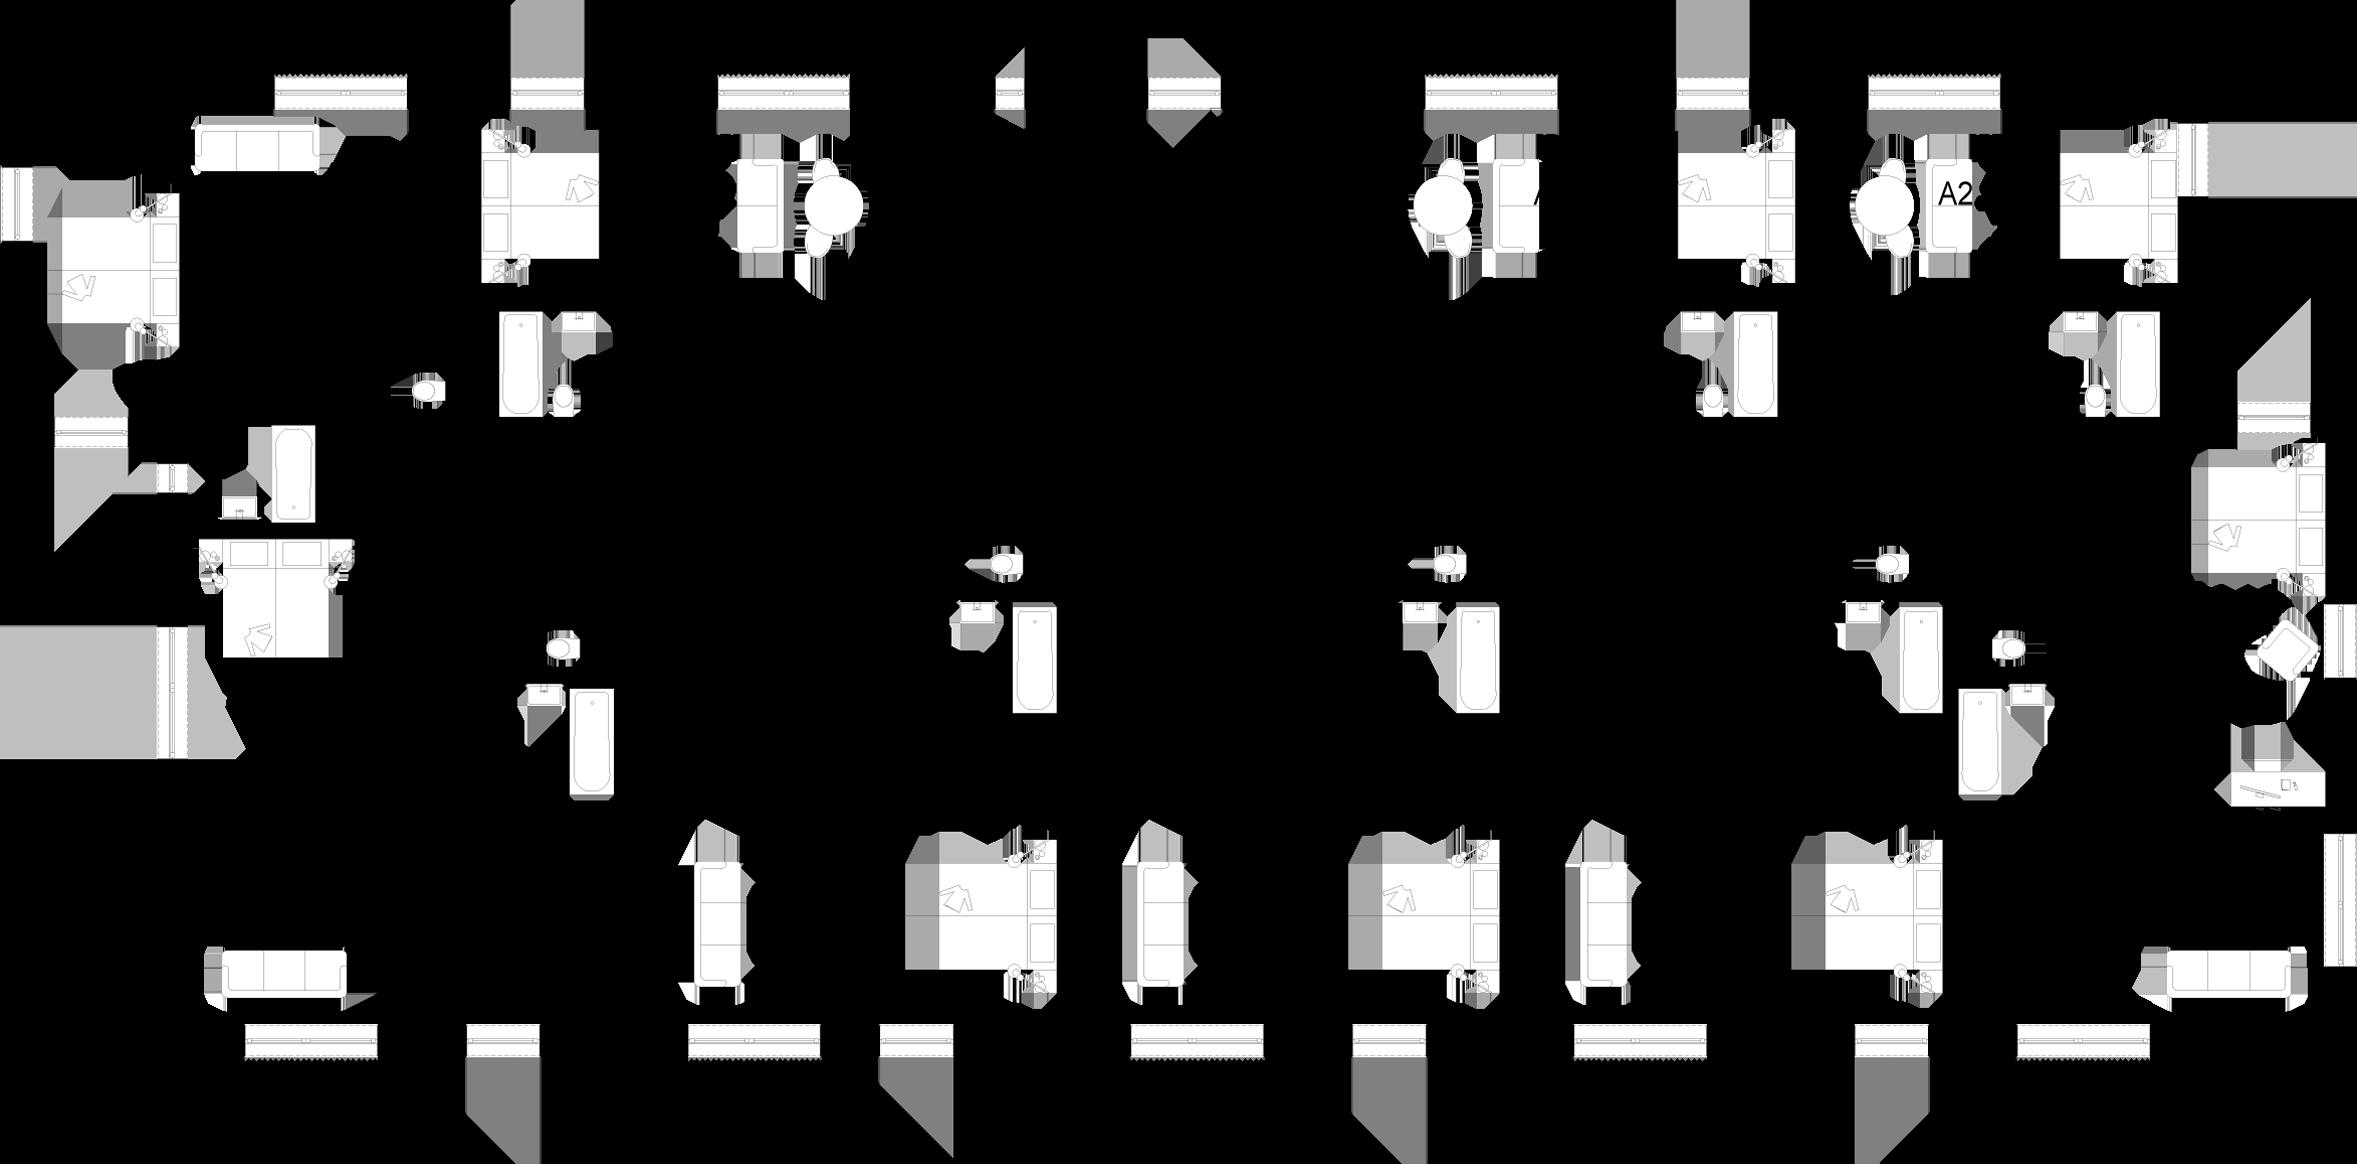 SO-01.A2 – 1. NP